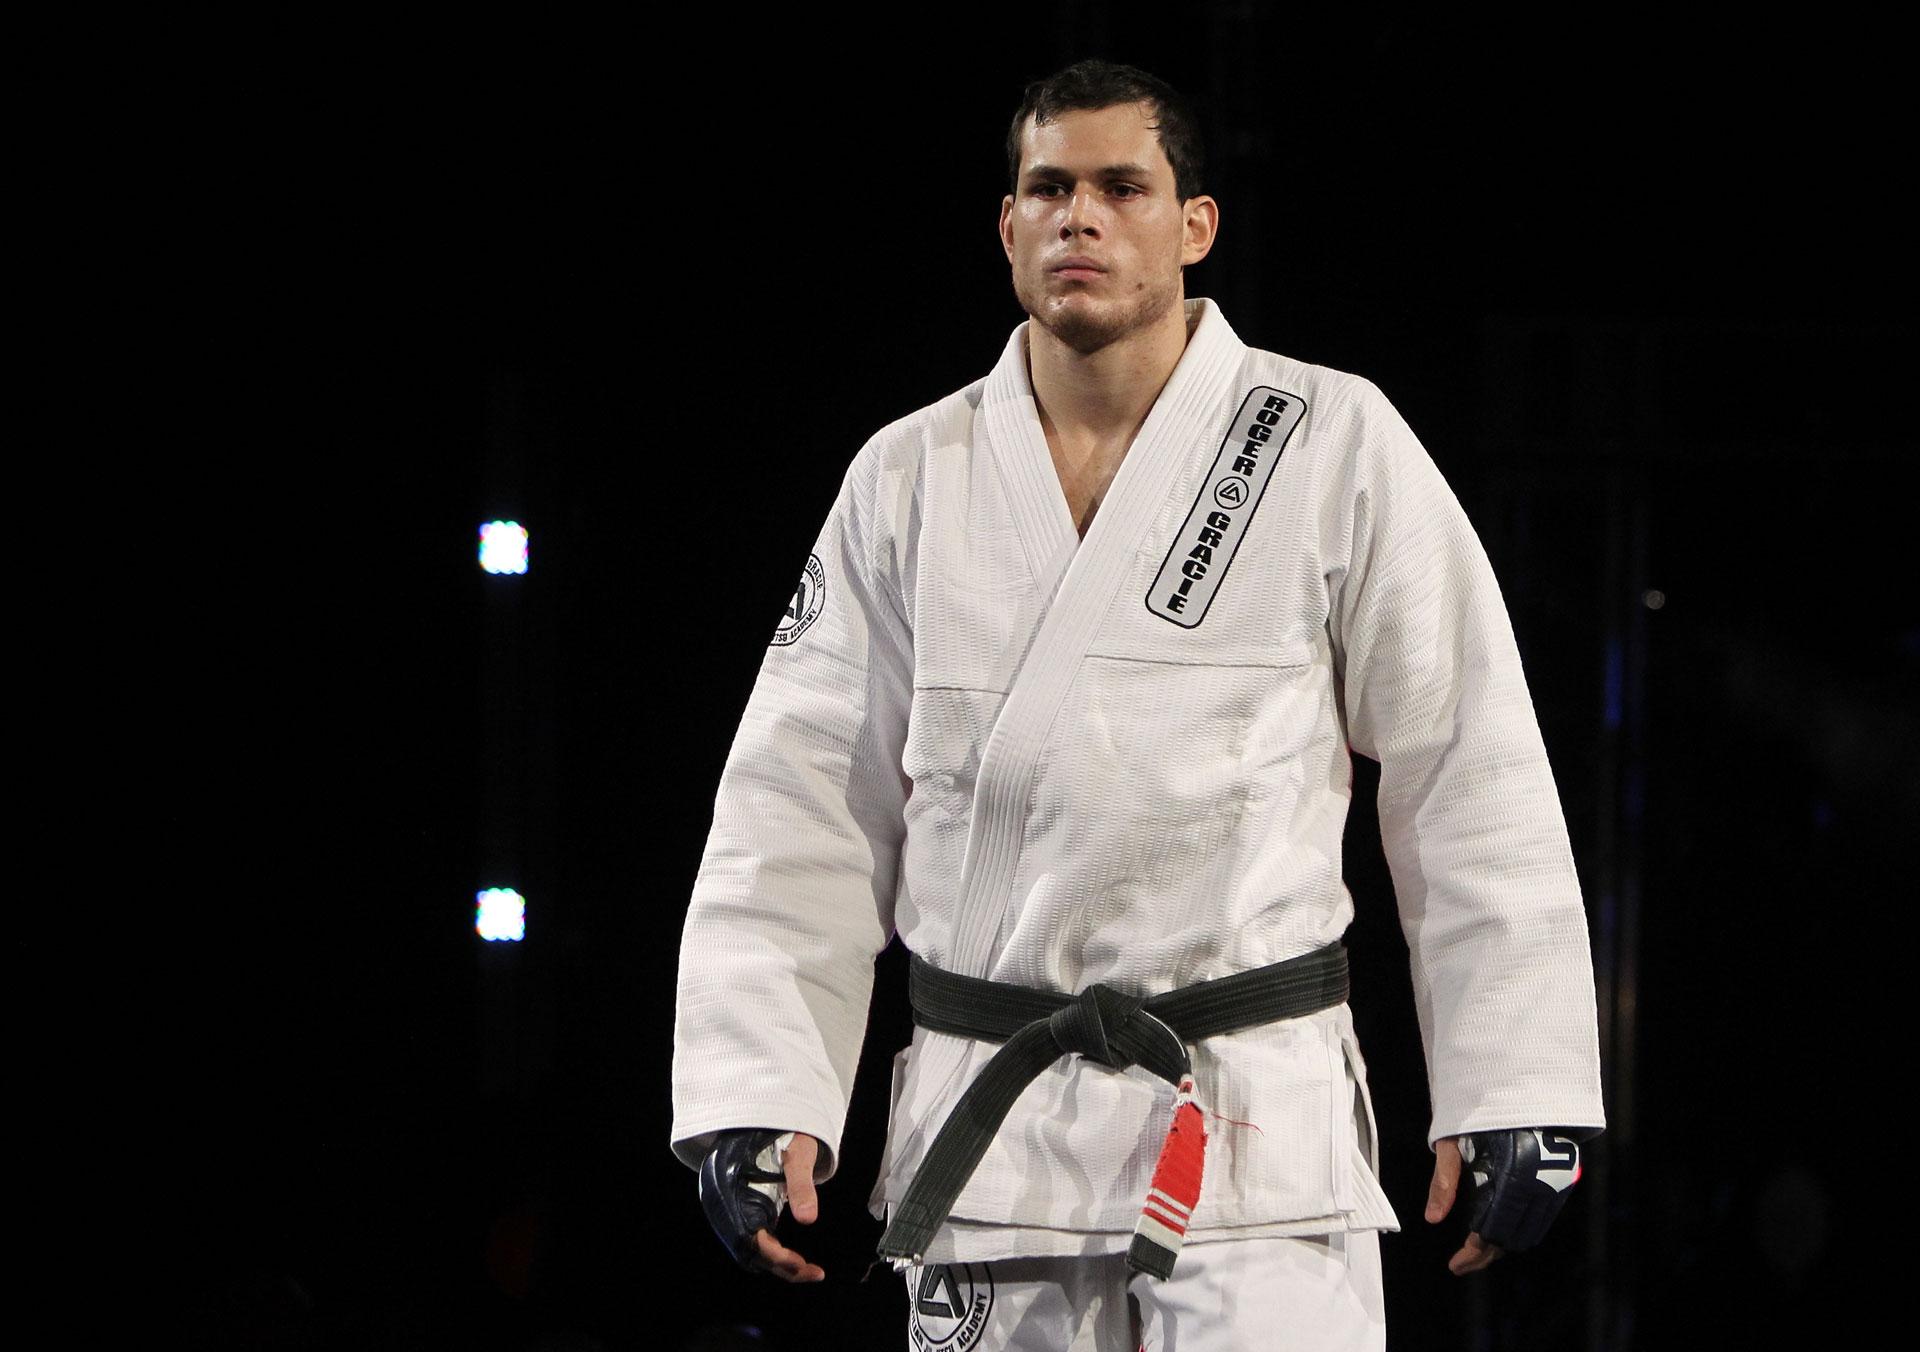 Roger Gracie vai voltar a lutar na Ásia, e com duas boas vitórias pode retornar ao UFC. Foto: Strikeforce